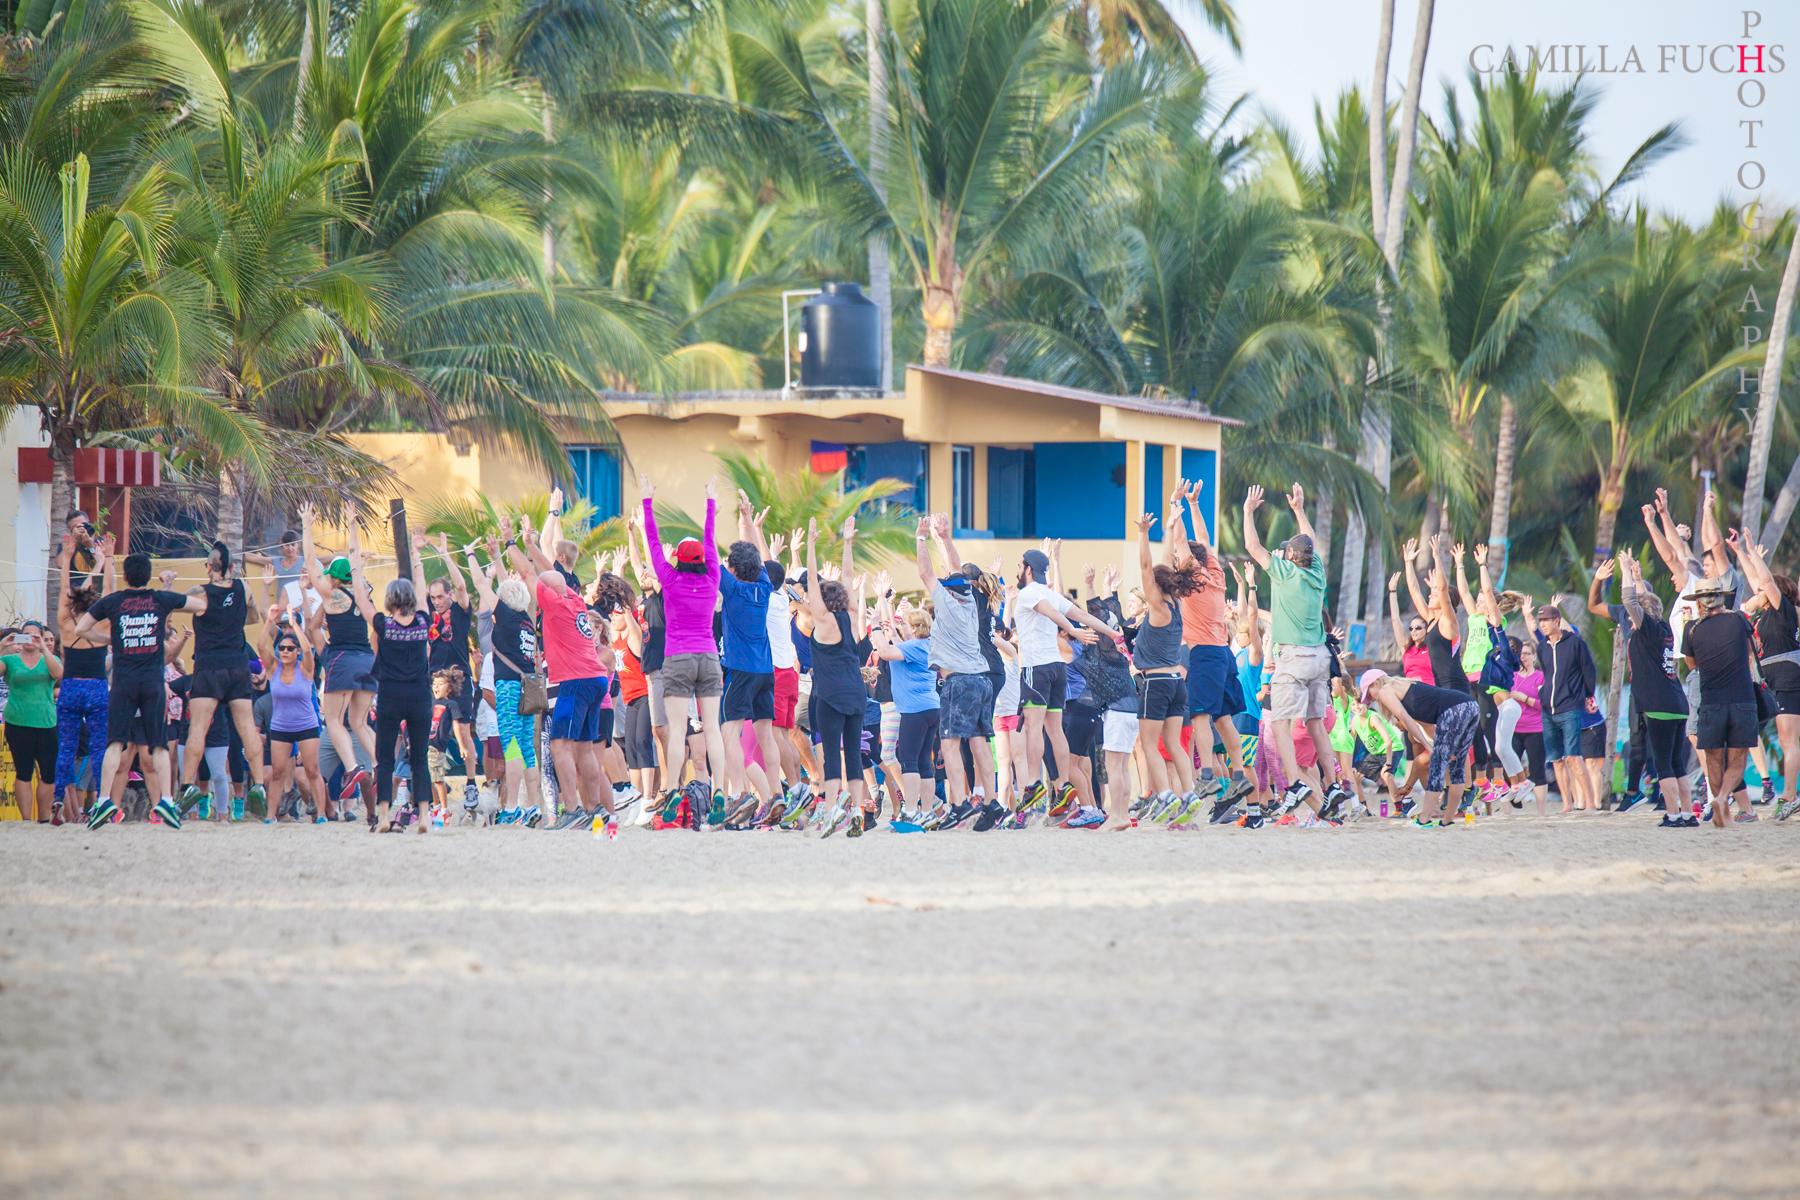 """VIDA EN SAYULITA - Sayulita es una comunidad activa. La mayoría de los residentes pasan parte de su día practicando surf, remar, correr o practicar yoga. Ponemos ese estilo de vida delante de nuestros asistentes con eventos de estilo de vida activos.Thursday - Yoga en las Olas.Registration: 9:00-9:30 AM day of, or register in plaza Jan. 28-30) Event: 9:30-11:00 AM, Brisa Mar Palapa, $200p contribution (1st come 1st served commemorative gift)Registro: 9:00-9:30 AM Jan 31, o pre-inscripción en la plaza del 28 al 30 de enero) Evento: 9:30-11:00 AM, Brisa Mar Palapa, contribución de $200p (cupo limitado c/obsequio conmemorativo)Yoga en las Olas: Immerse yourself in waves of energy, sound, and ocean! Hatha Flow bi-lingual practice led by internationally-renowned Narayani (Owner, Paraiso Yoga Sayulita) accompanied by Crystal Sound Healing from Máximo Fava (Vancouver, BC) and Crystal Bowl Closing Meditation with Carmela Carlyle (Sayulita/SF, CA).Yoga en las Olas: ¡Rodéate en olas/ondas de energía, sonido y océano! Práctica bilingual de Hatha Flow, instruido por Narayani (Dueña, Paraiso Yoga Sayulita) de renombre internacional, acompañado por Máximo Fava (Vancouver, BC) y su sanación con sonido de cristal. Cerrado con meditación con sonido de cristal, guiado por Carmela Carlyle (Sayulita/SF, CA).Viernes - Stumble in the Jungle Fun Run. (8:30am inscription or sign up in the plaza during the week) 9am run start - Las Sirenas Beach Club $100p contribution / (first come first served commemorative gift) - """"Festival Sayulita's 5th annual Stumble in the Jungle 5k / 10k Fun Run is a Sayulita tradition. Taking it's runners of all ages and experience levels through 2 beautiful Sayulita beaches and up through the gorgeous jungle hills all the way to San Pancho and back. Wrapping it all up with Margaritas at Las Sirenas Beach Club , this is a morning not to be missed!"""" -""""La 5ta carrera anual de Festival Sayulita Stumble in the Jungle 5k / 10k es una tradición de Sayulita. Tomando a cor"""